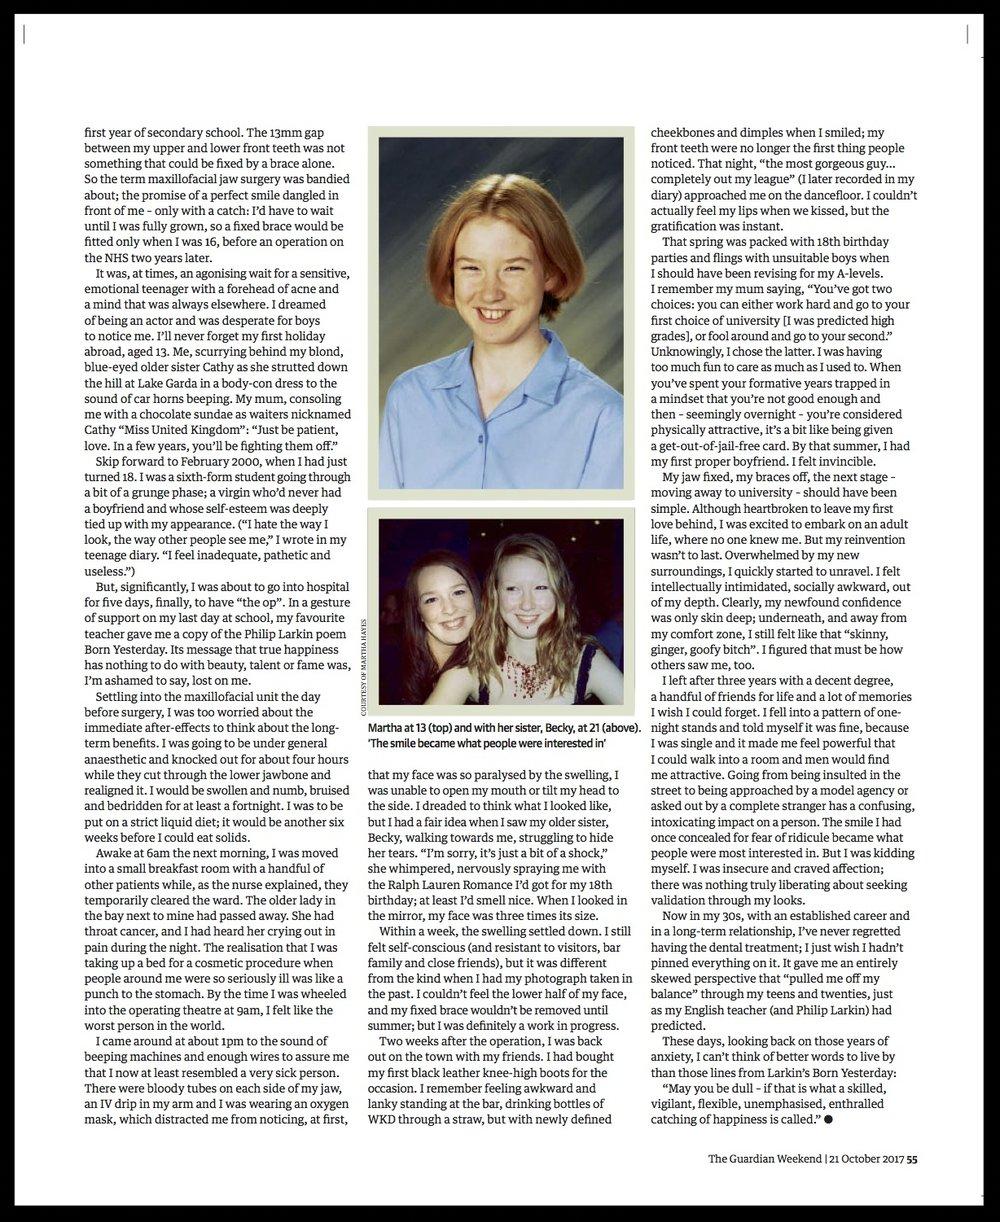 Martha Hayes piece 2.jpg